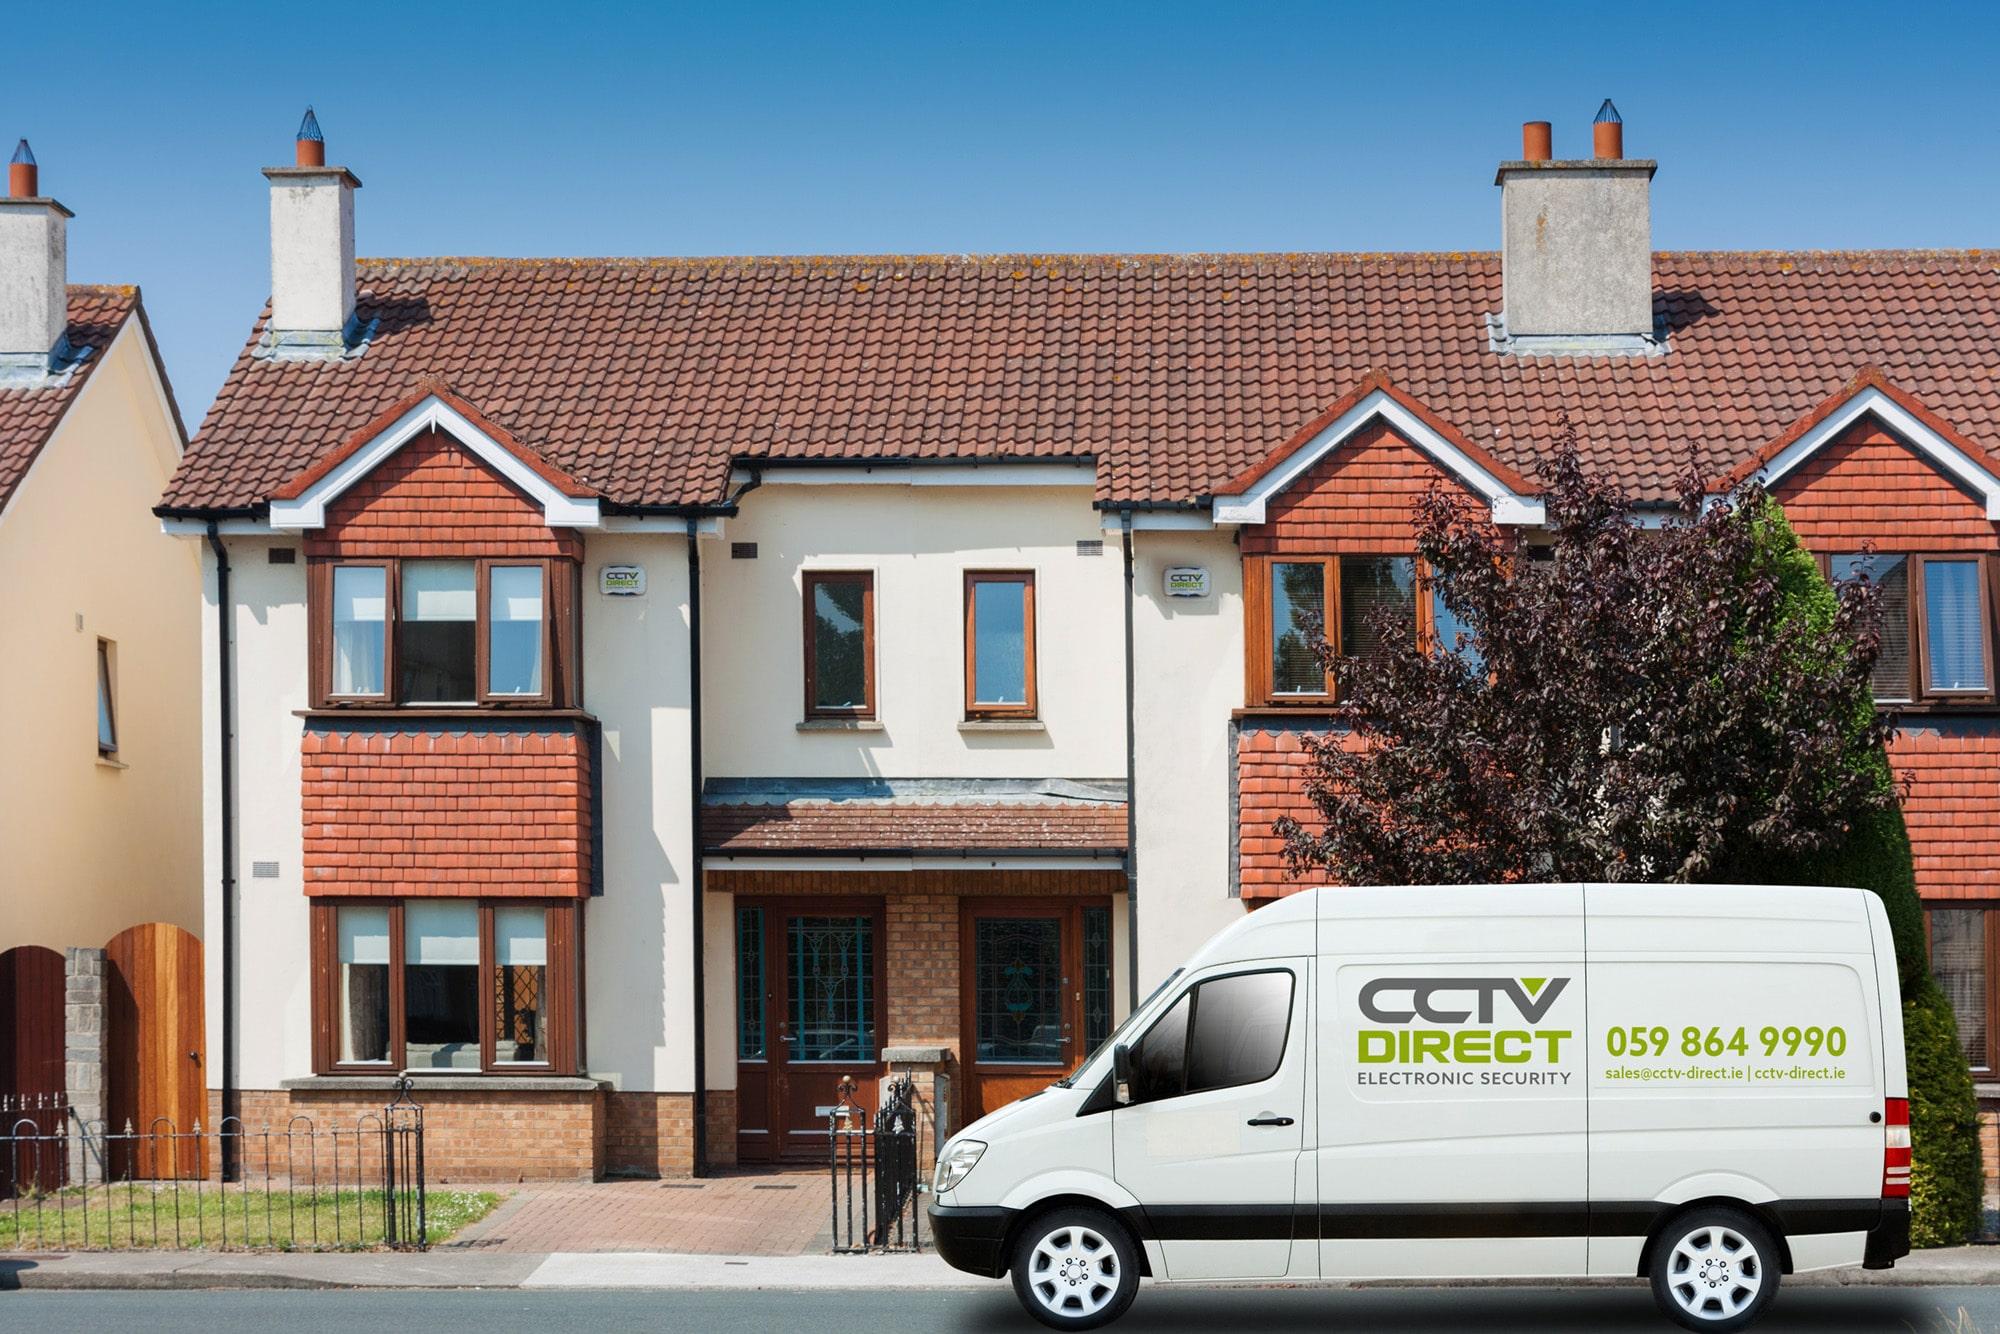 CCTV Direct Van 1